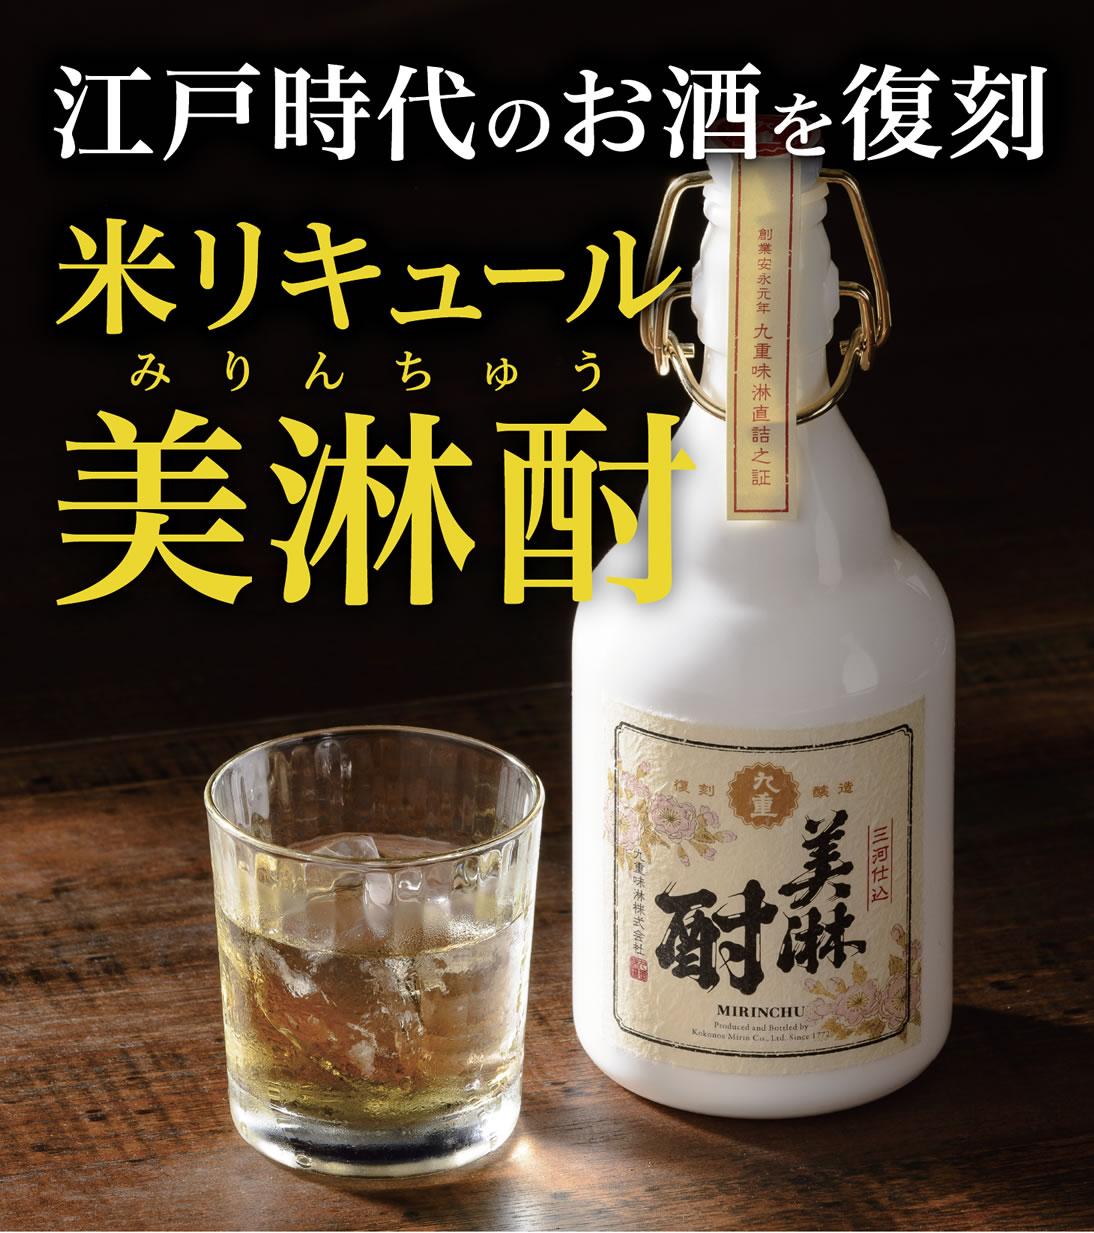 江戸時代のお酒を復刻 米リキュール  美淋酎